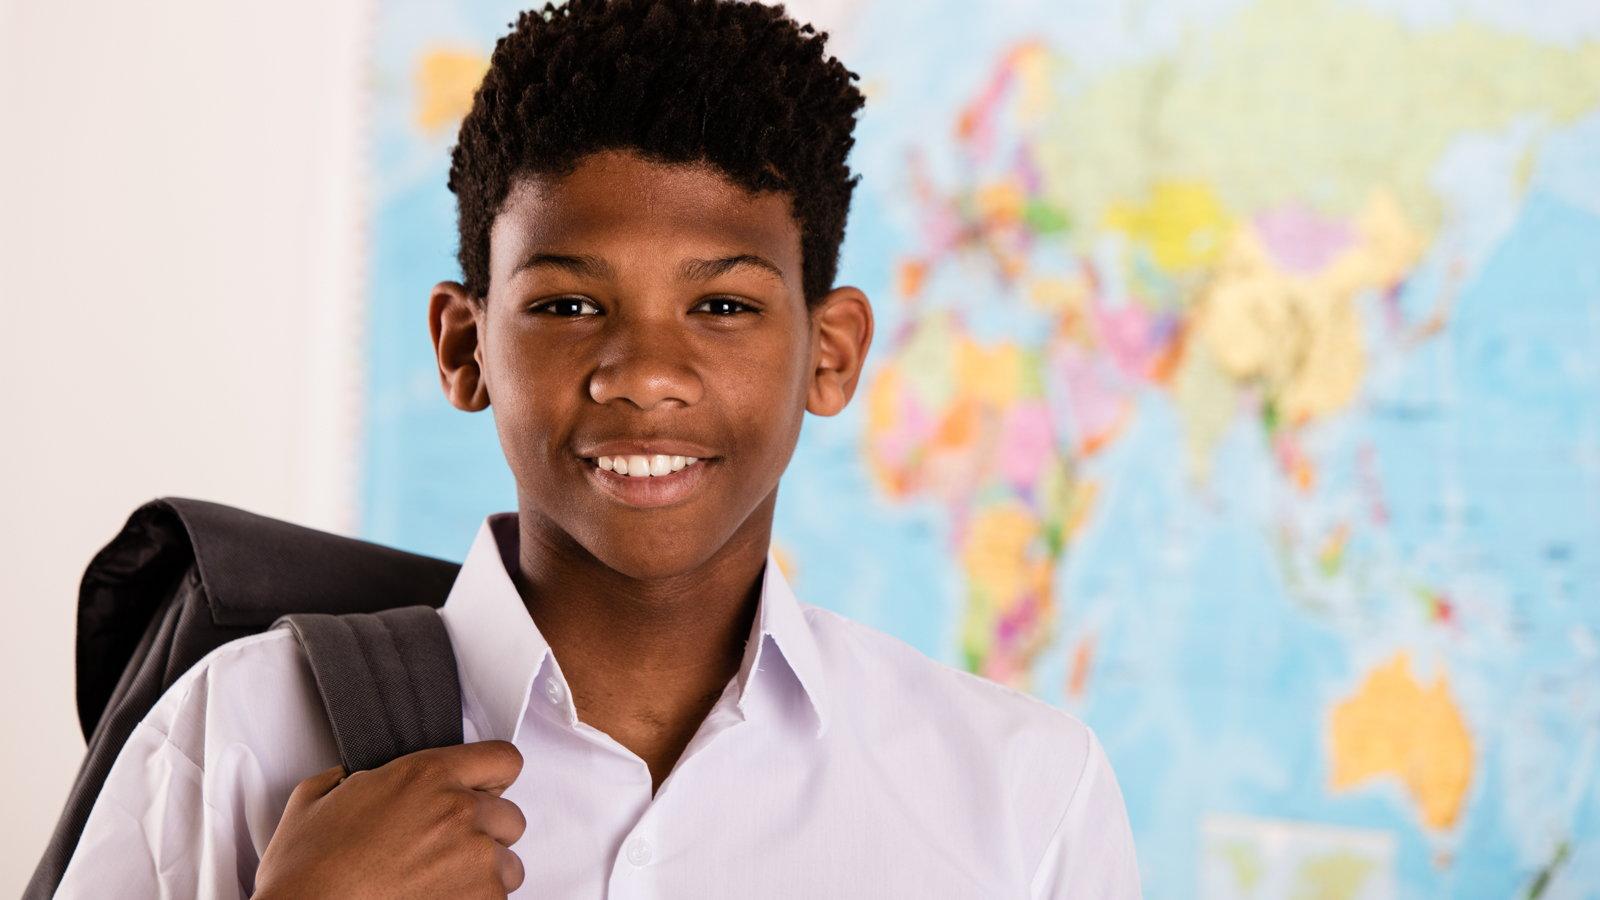 boy wearing school uniform